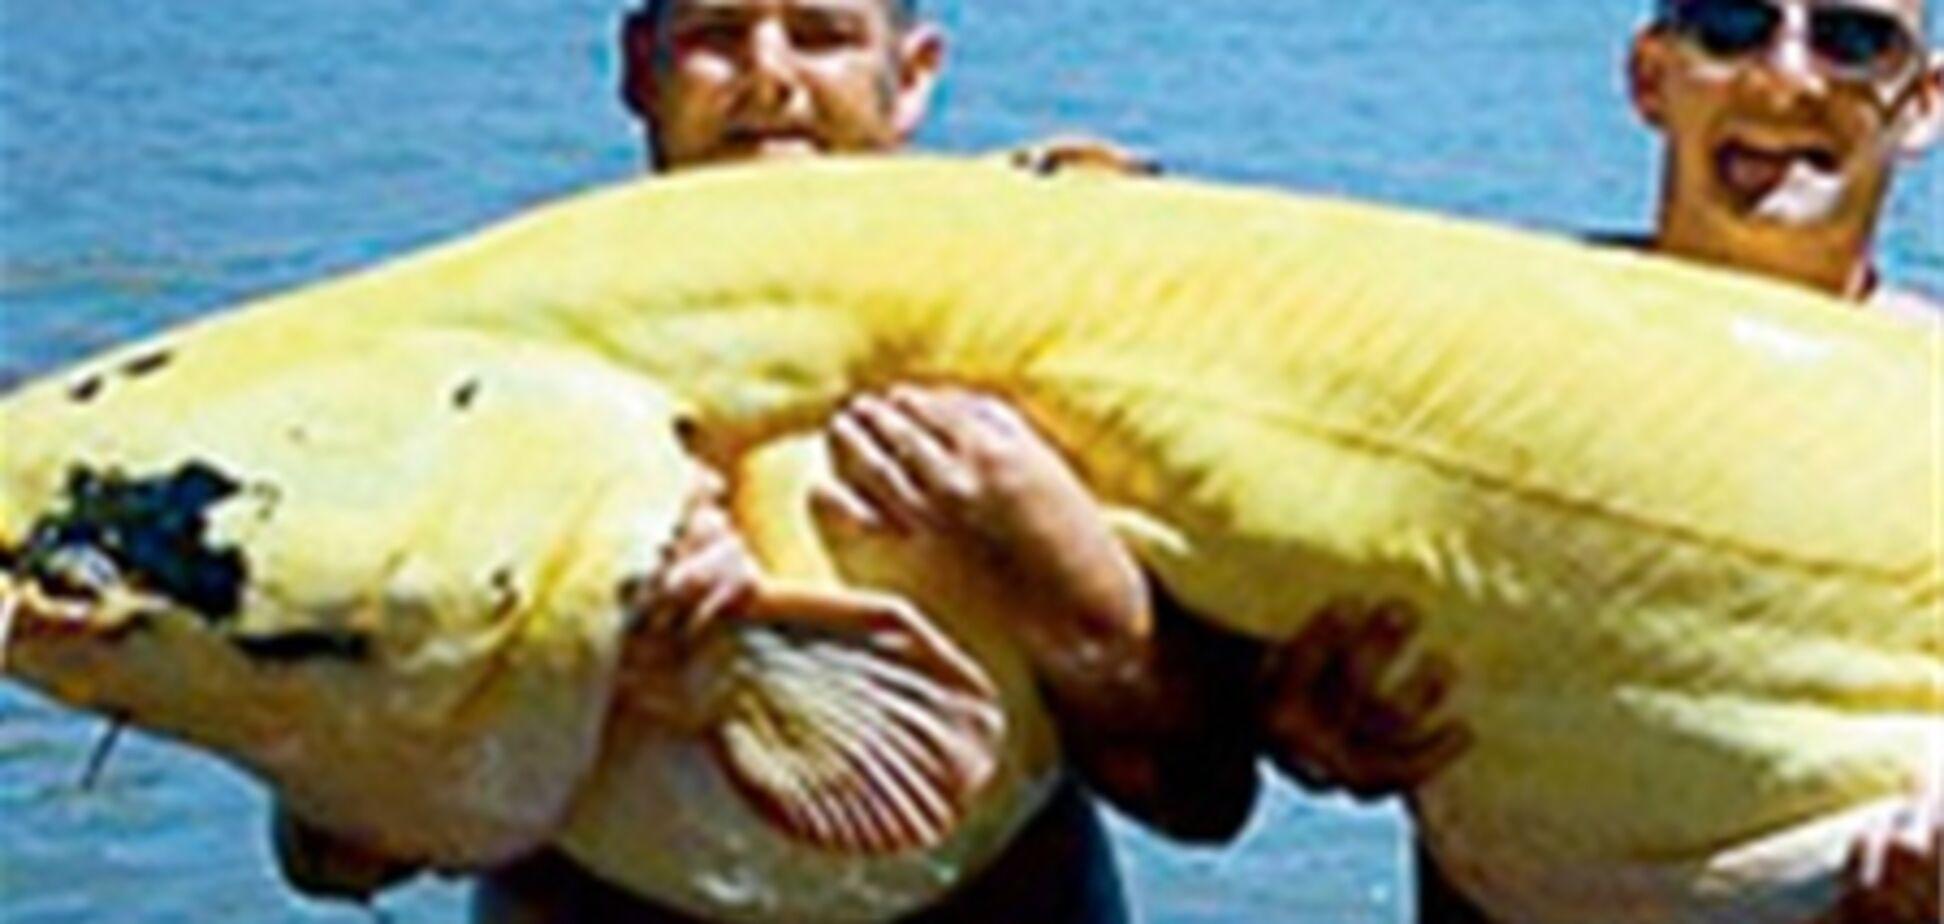 Акулу-мутанта виловили в Мексиці